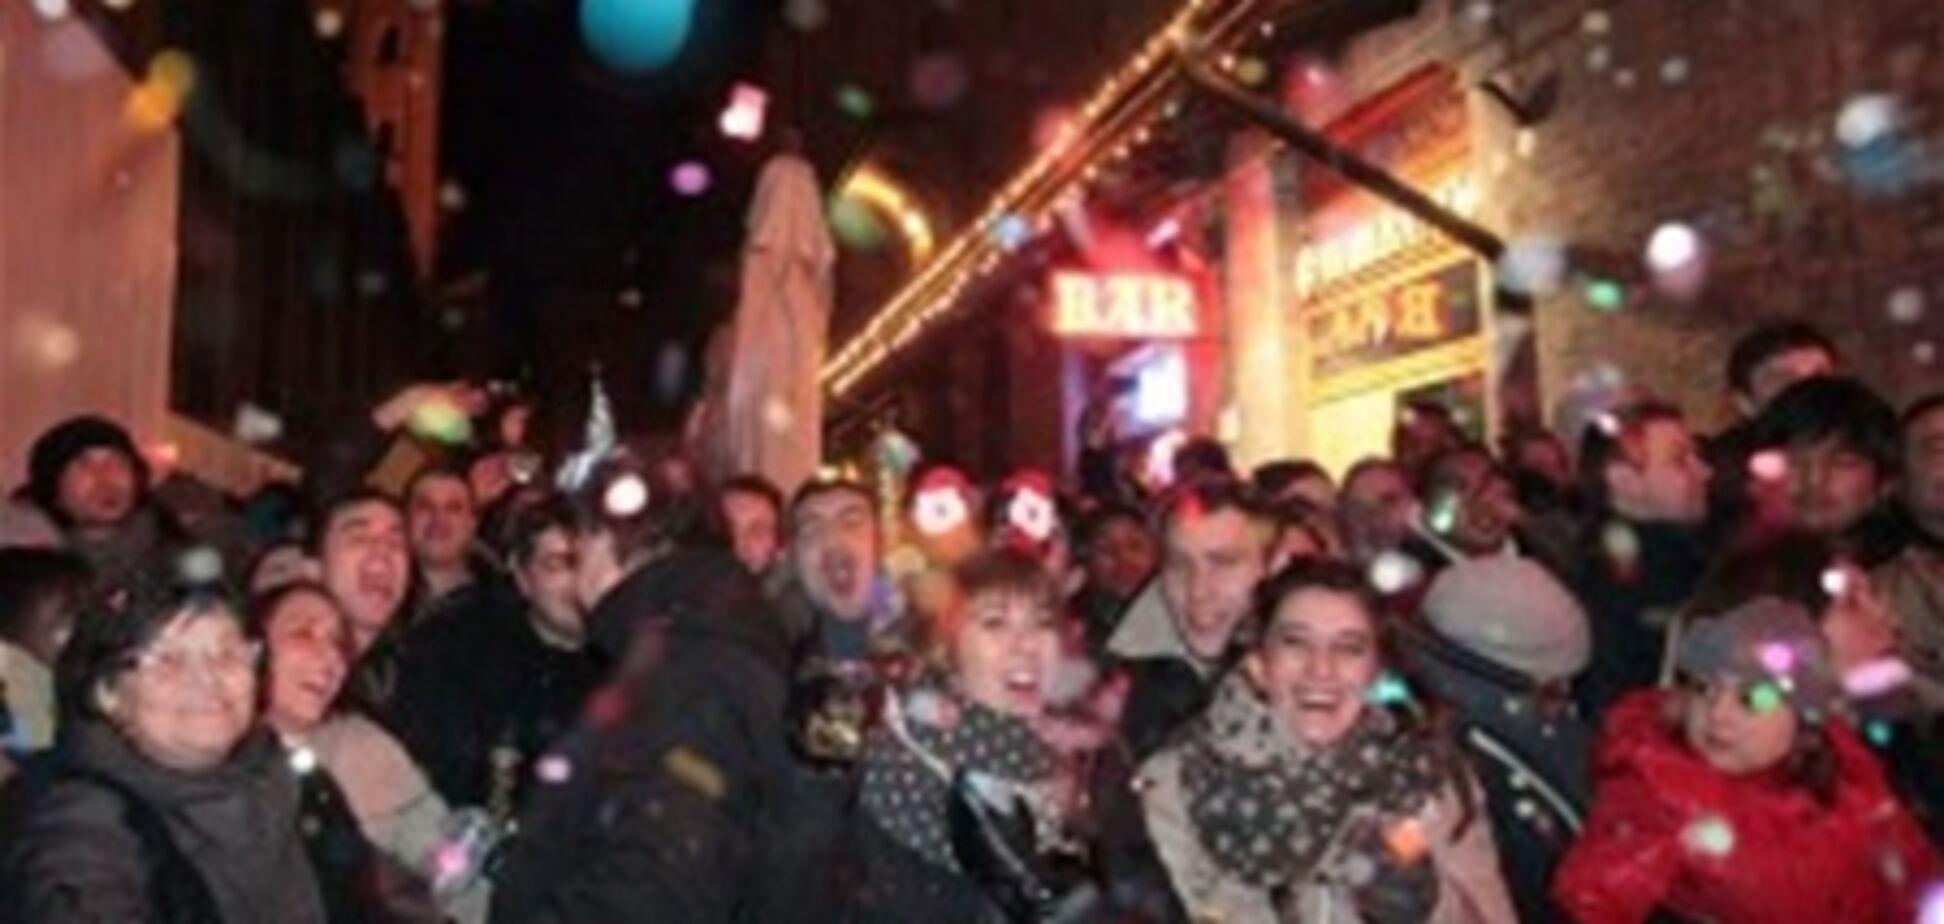 В Італії Новий рік перетворився на 'ніч бойових дій': є жертви